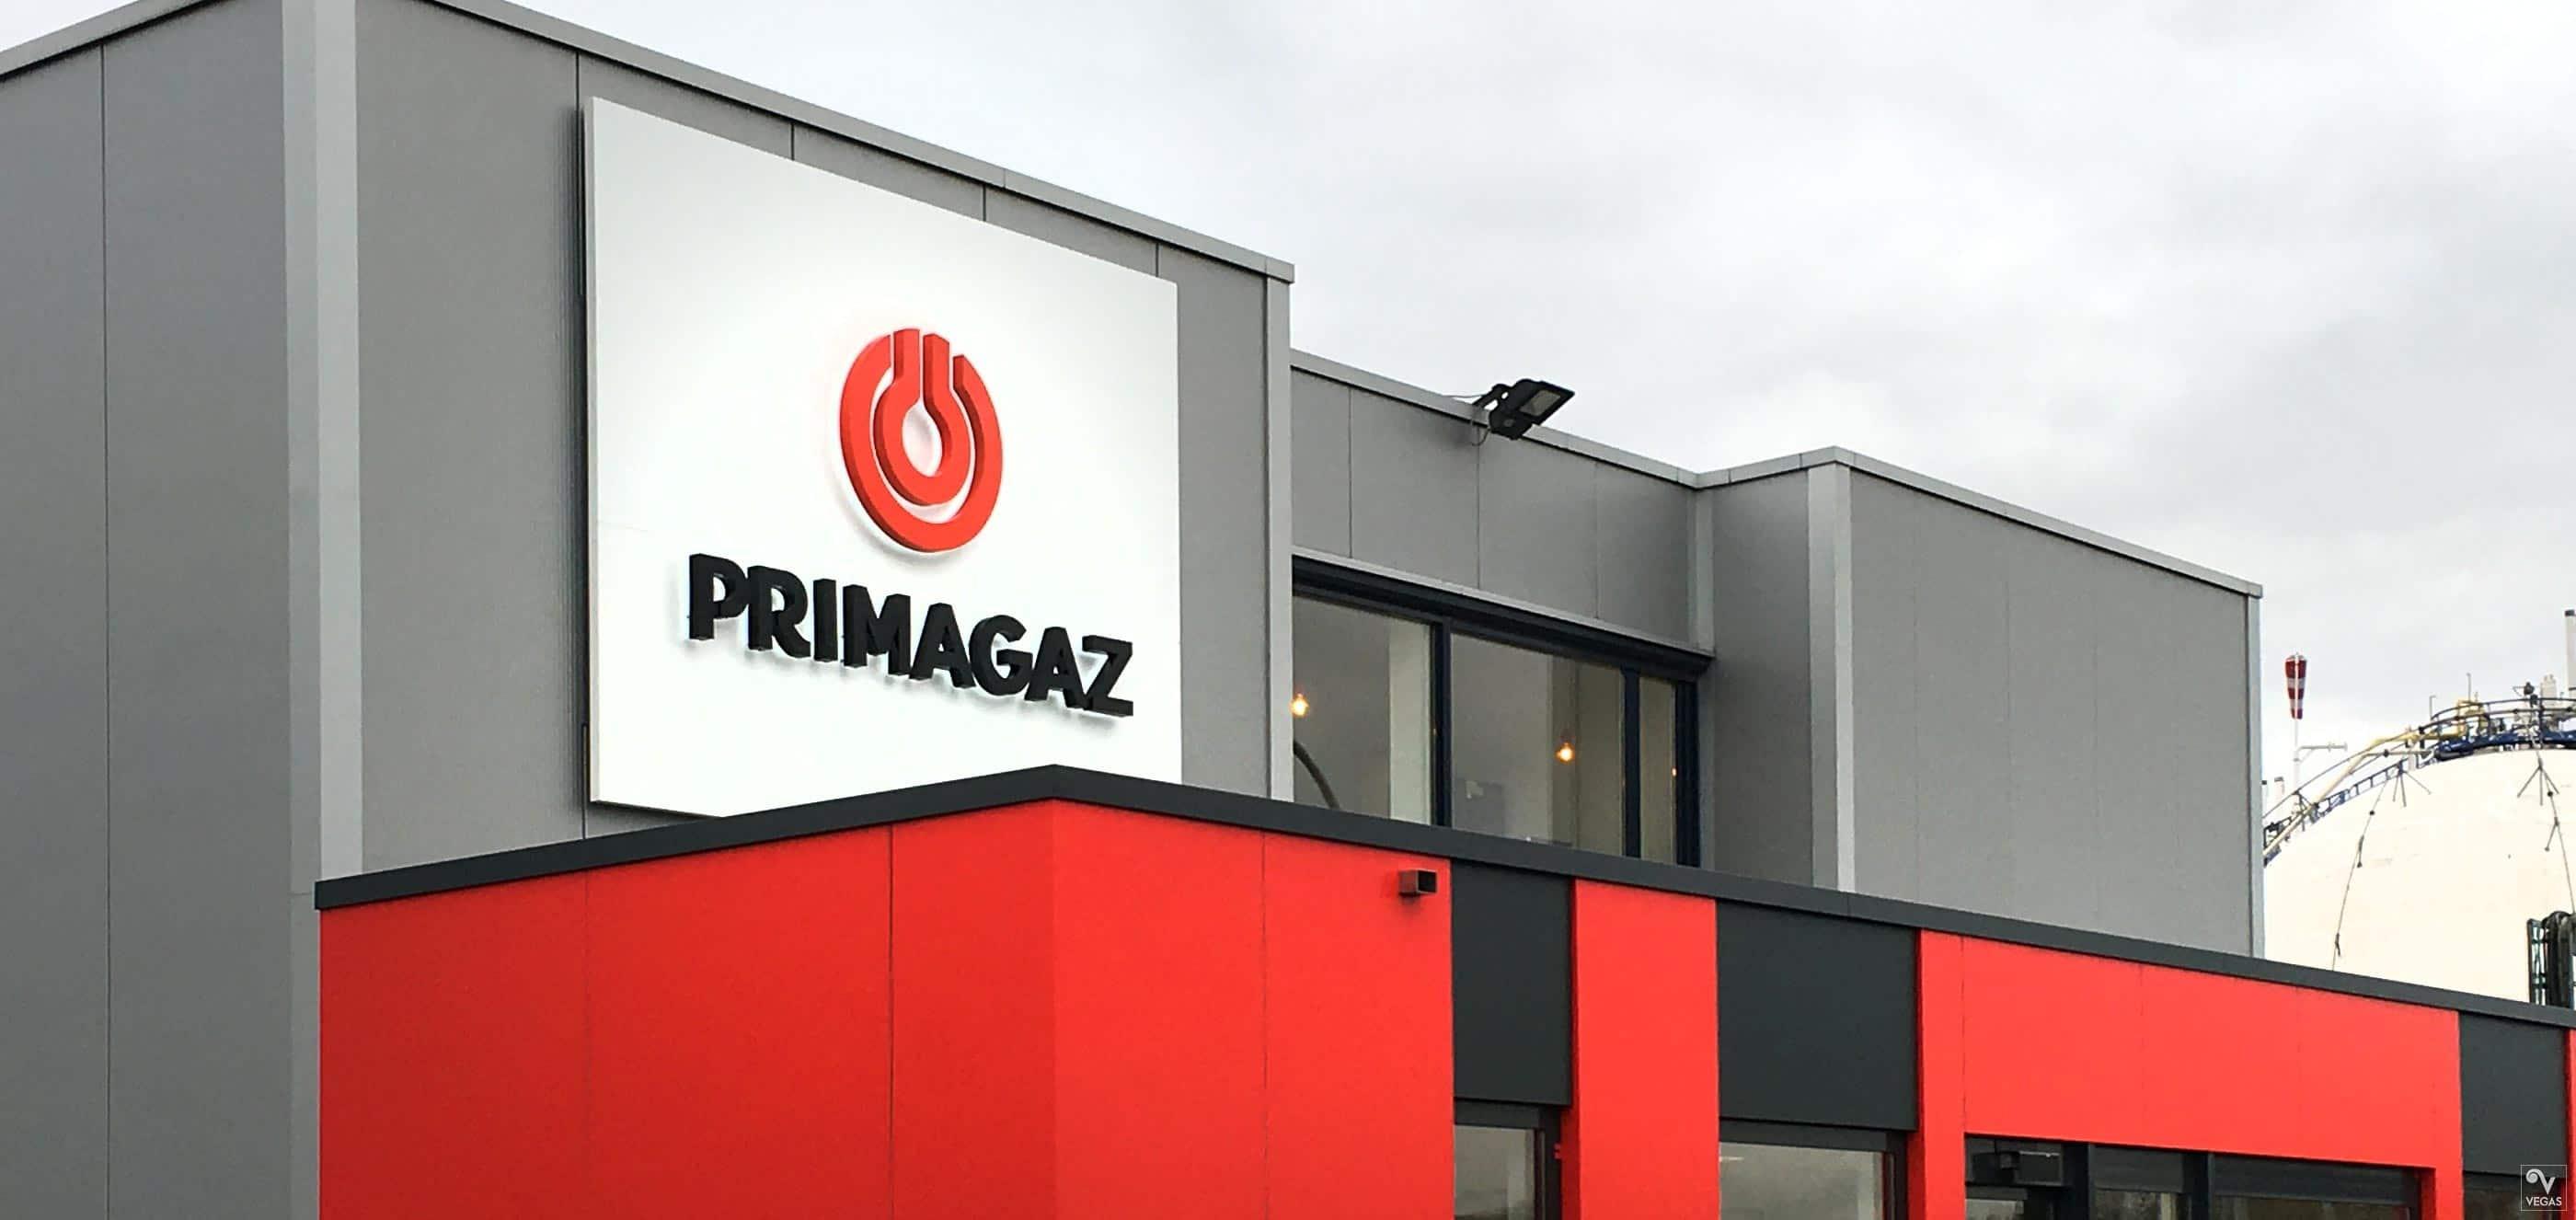 Primagaz - Rebranding - Buitenreclame - Doosletters